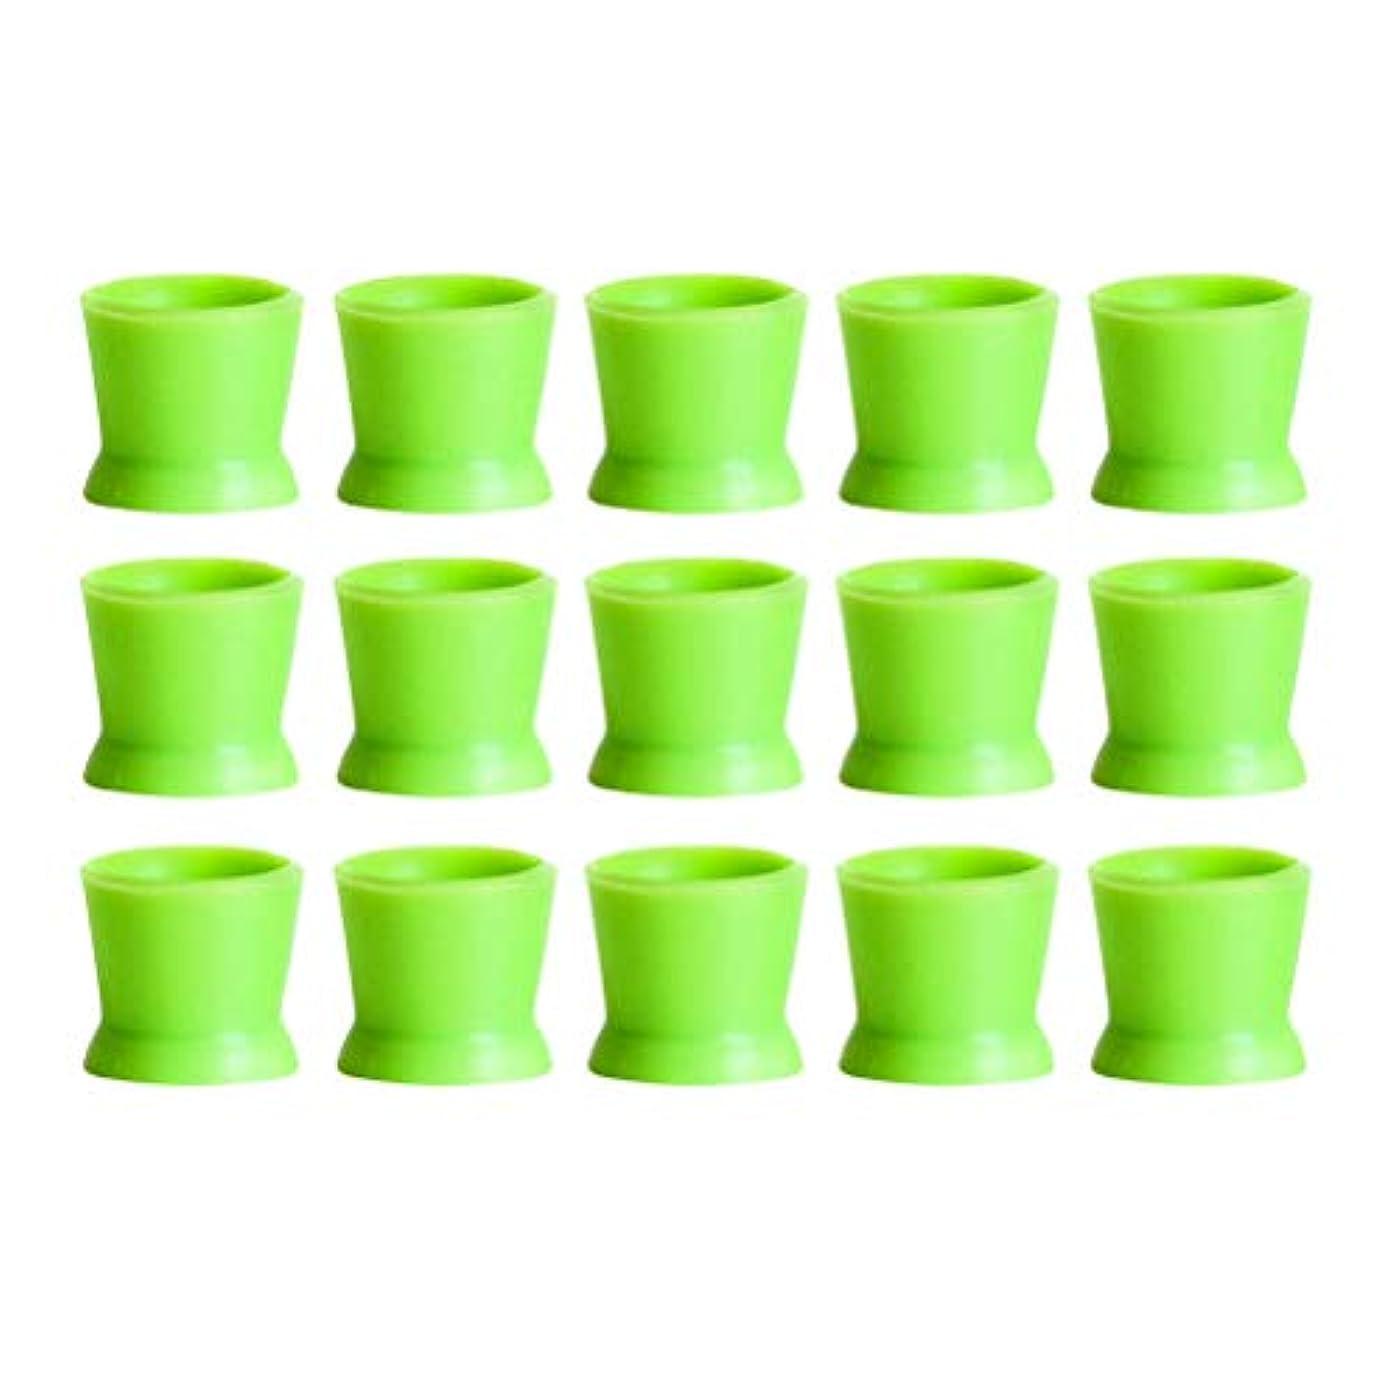 子寂しいマーケティングHealifty 300PCSシリコンタトゥーインクカップ使い捨てマイクロブレーディングピグメントキャップホルダーコンテナ永久的なまつげメイクアップアイブロー(グリーン)